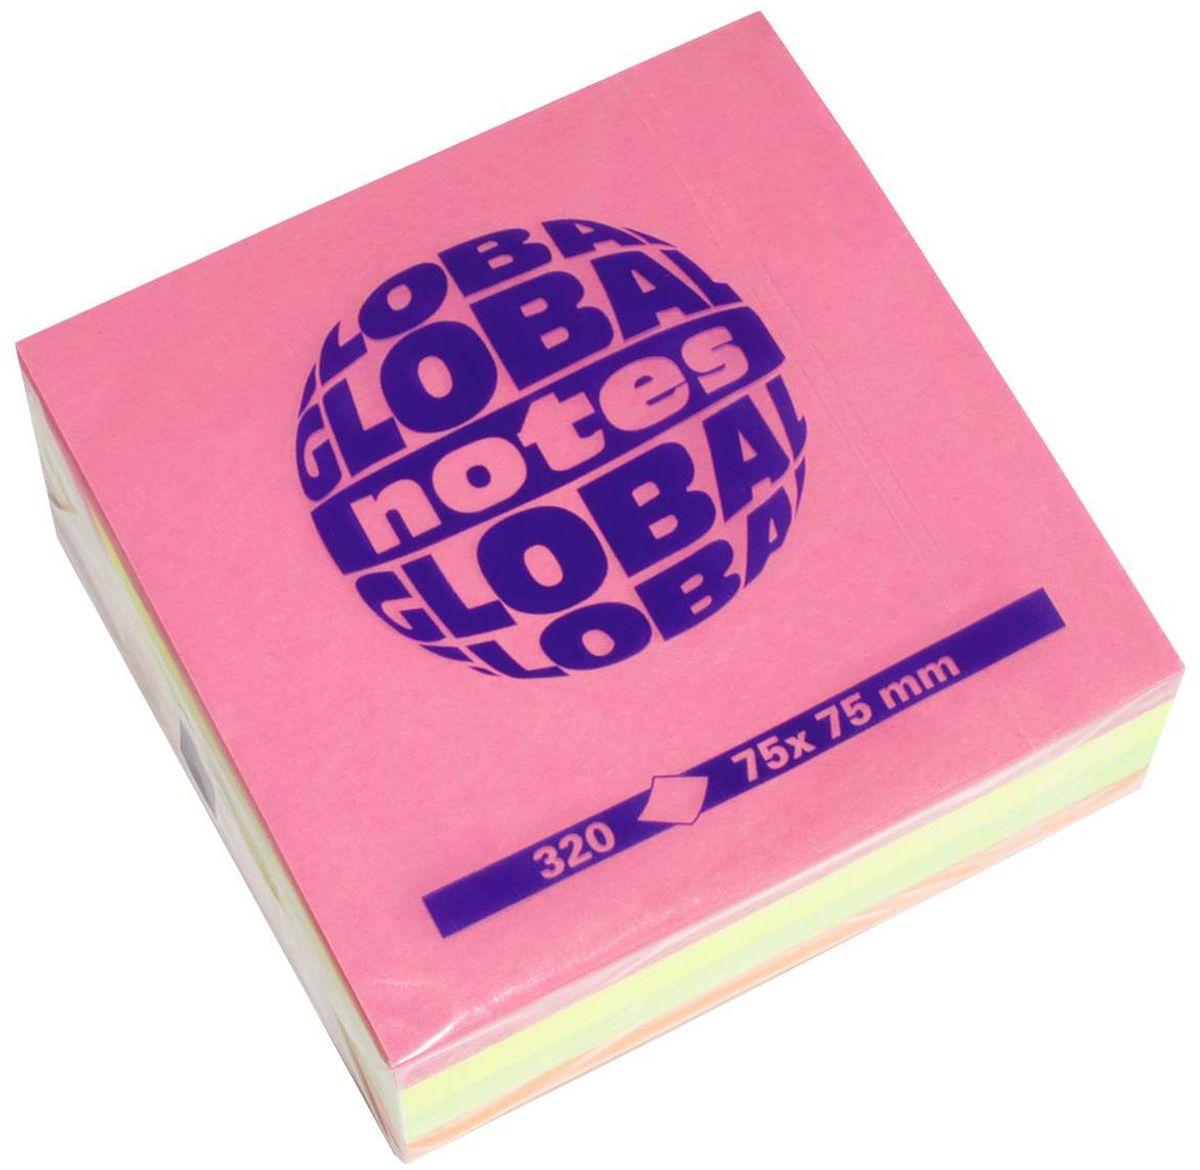 Global Notes Бумага для заметок с липким слоем 320 листов3654394-х цветная яркая. В блоке бумажки ярко-розового, желтого, оранжевого и зеленого цвета. Размер 75х75 мм. В блоке 320 листов Плотность бумаги 70гр/м2